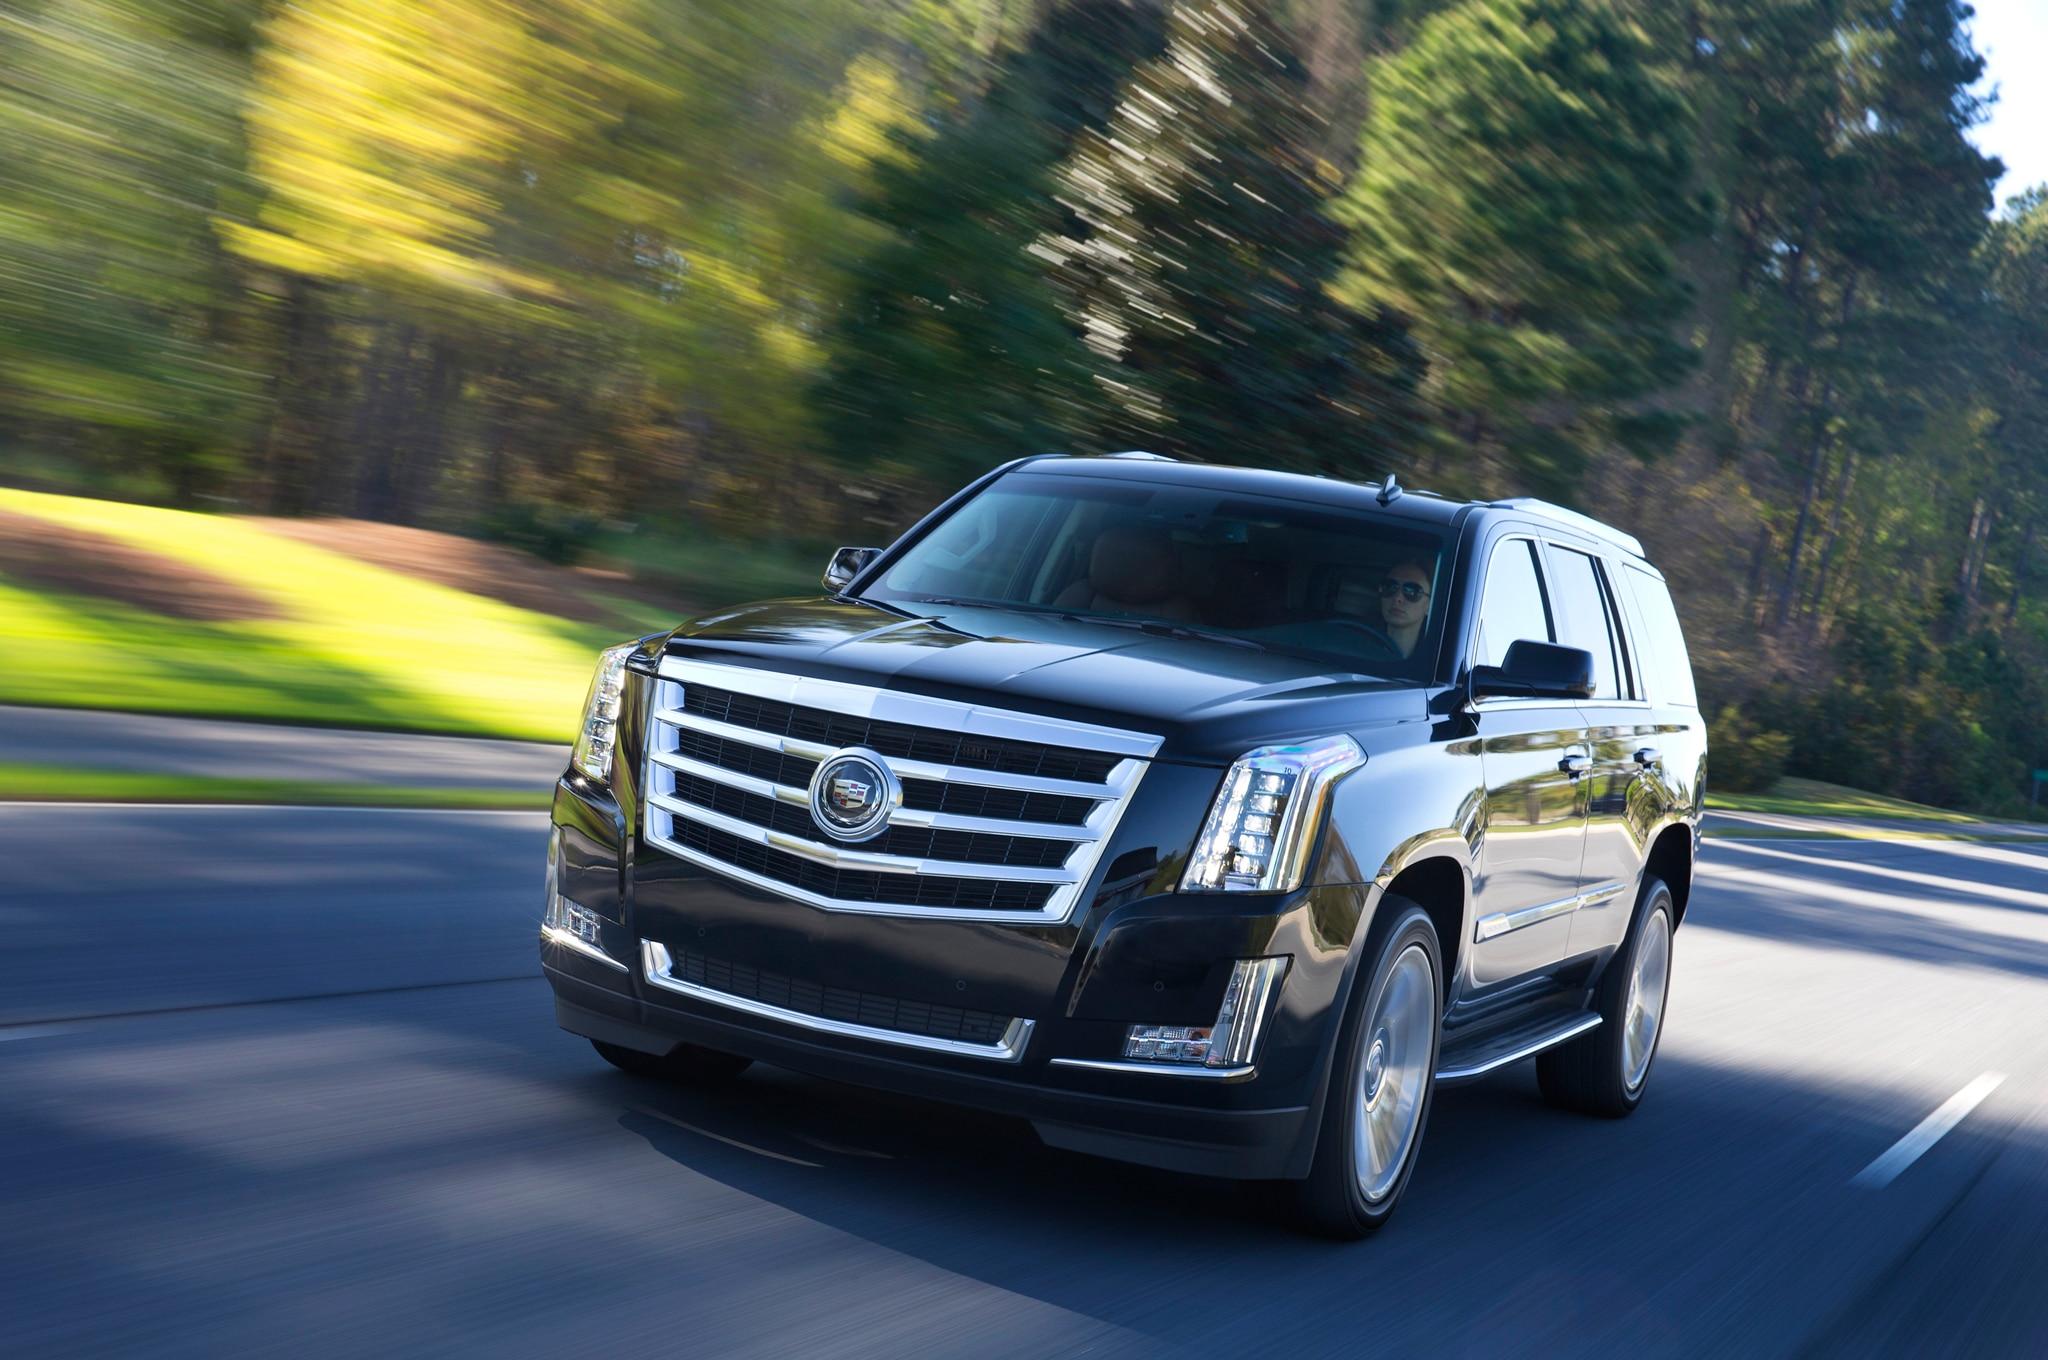 2015 Cadillac Escalade vs. 2015 Lincoln Navigator Comparison